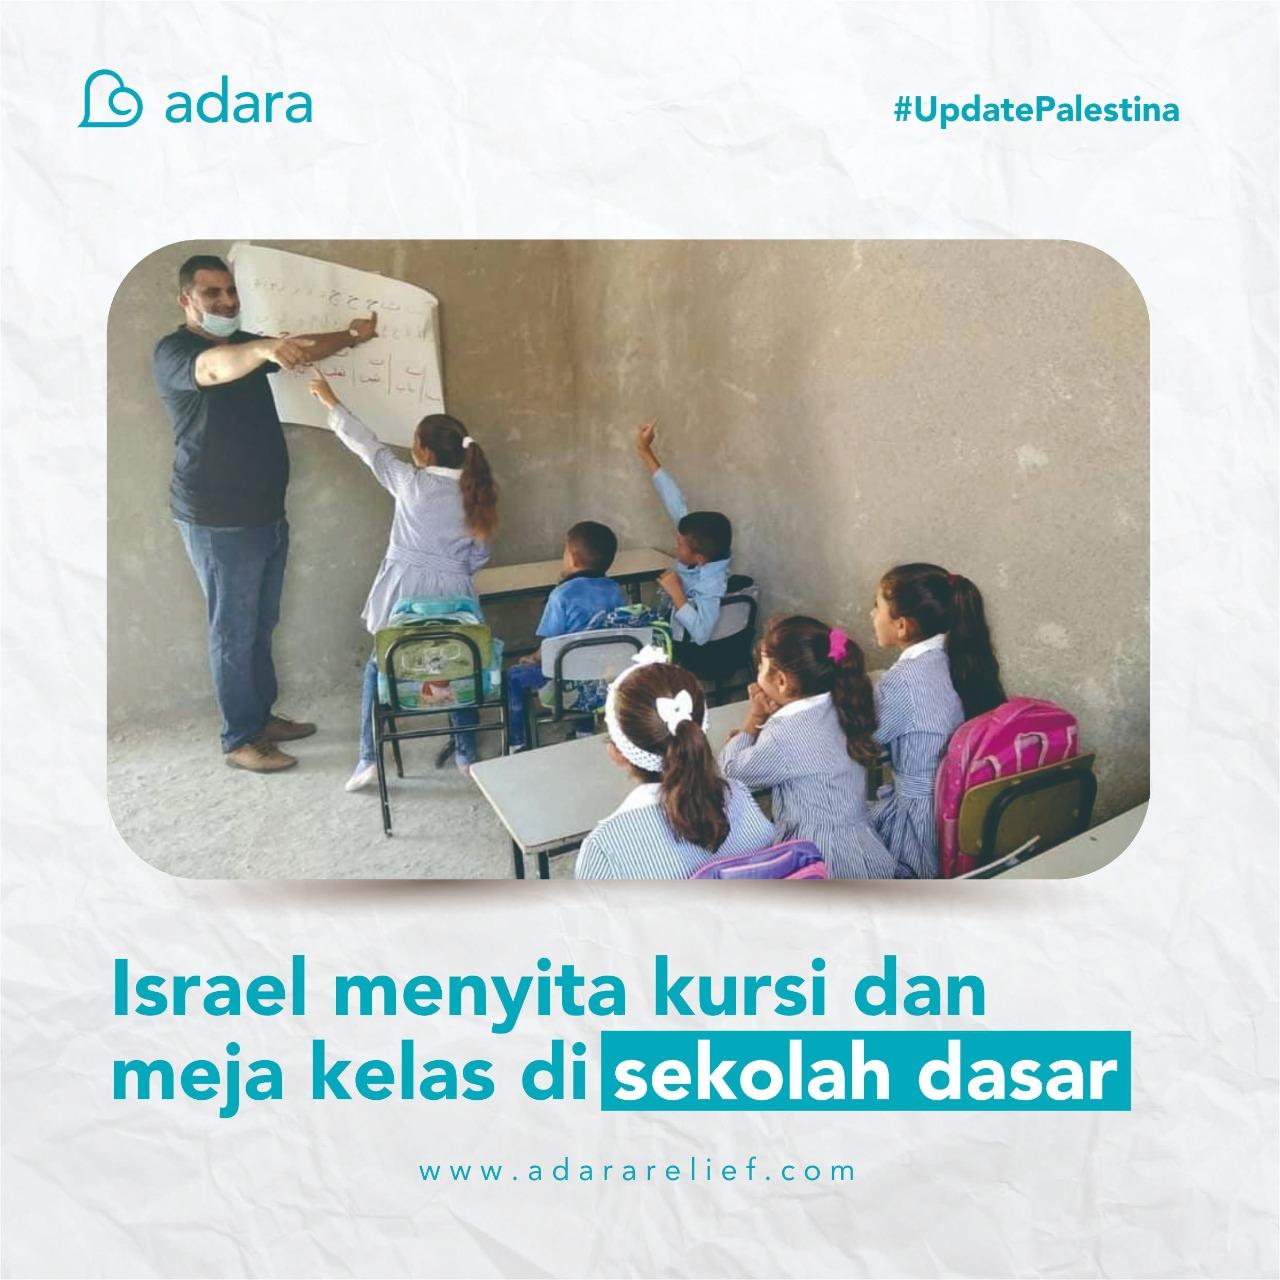 Israel menyita atap bangunan, kursi, dan meja sekolah anak Palestina